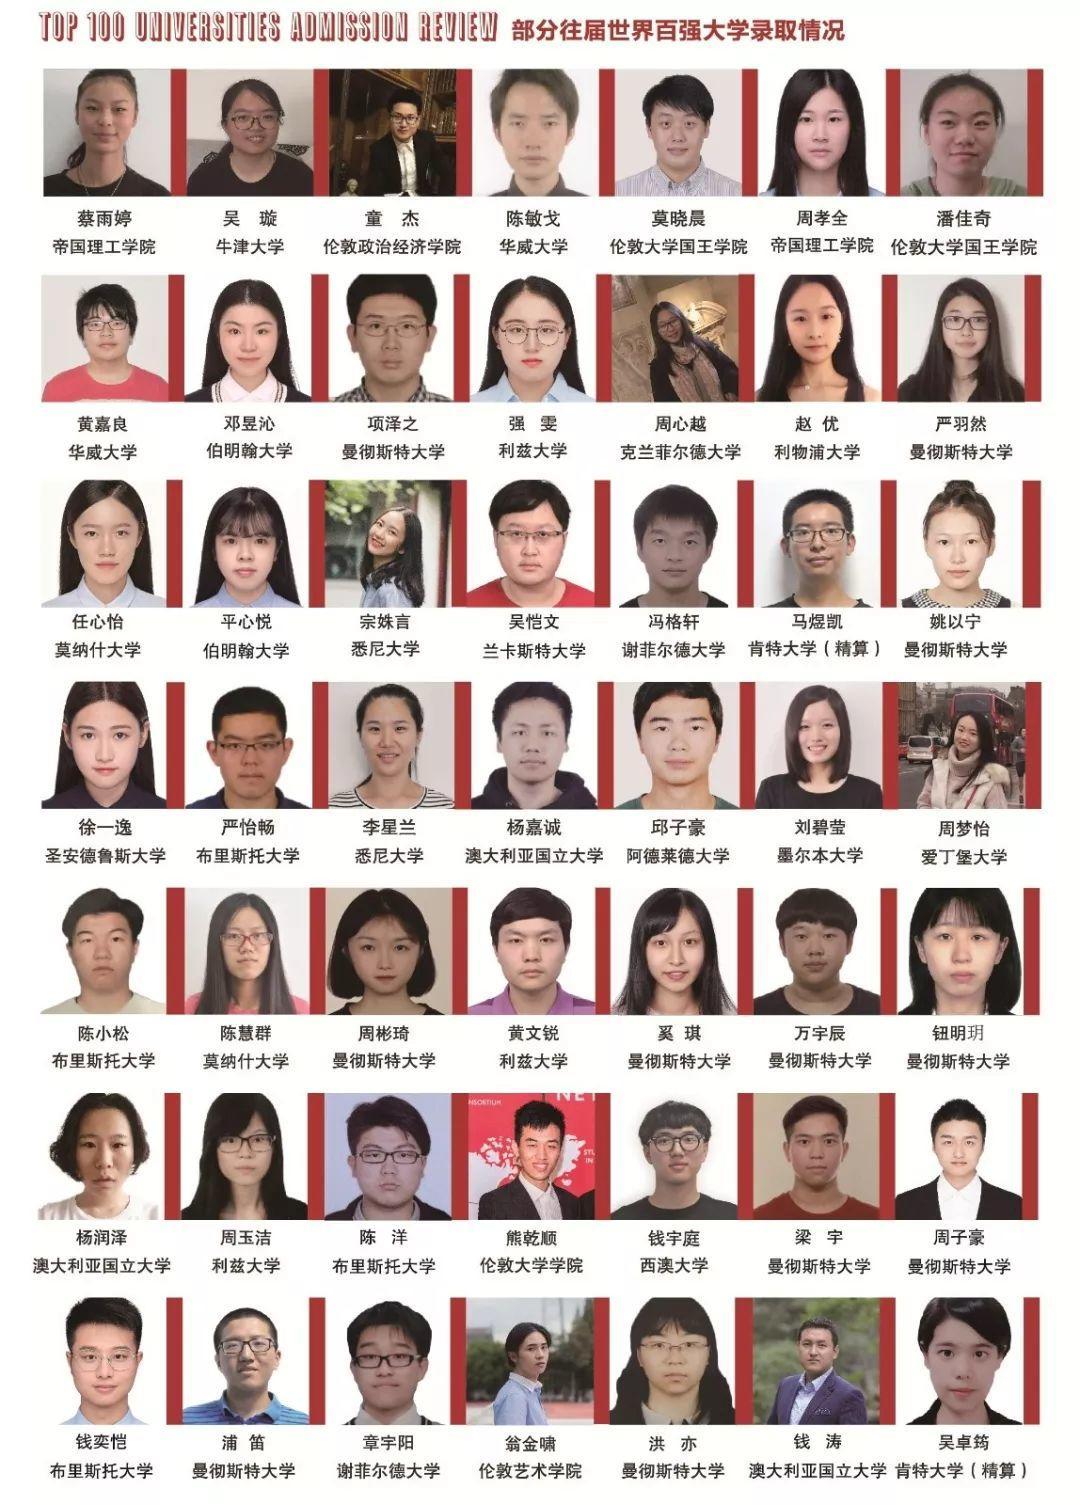 省苏州一中国际部招生计划发布!插图11